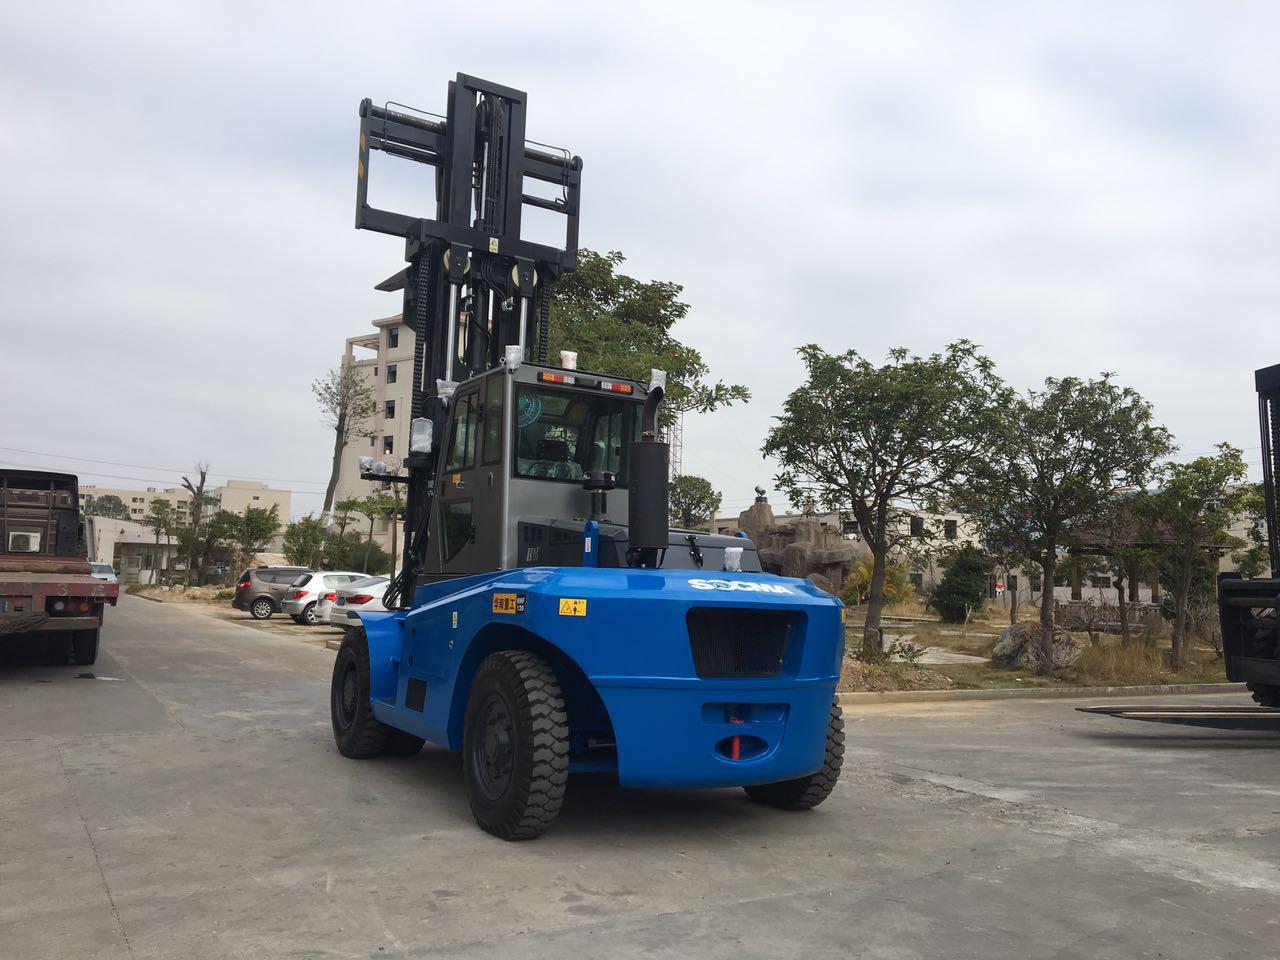 12吨叉车价格 钢卷12吨叉车石材12吨叉车生产厂家福建华南重工